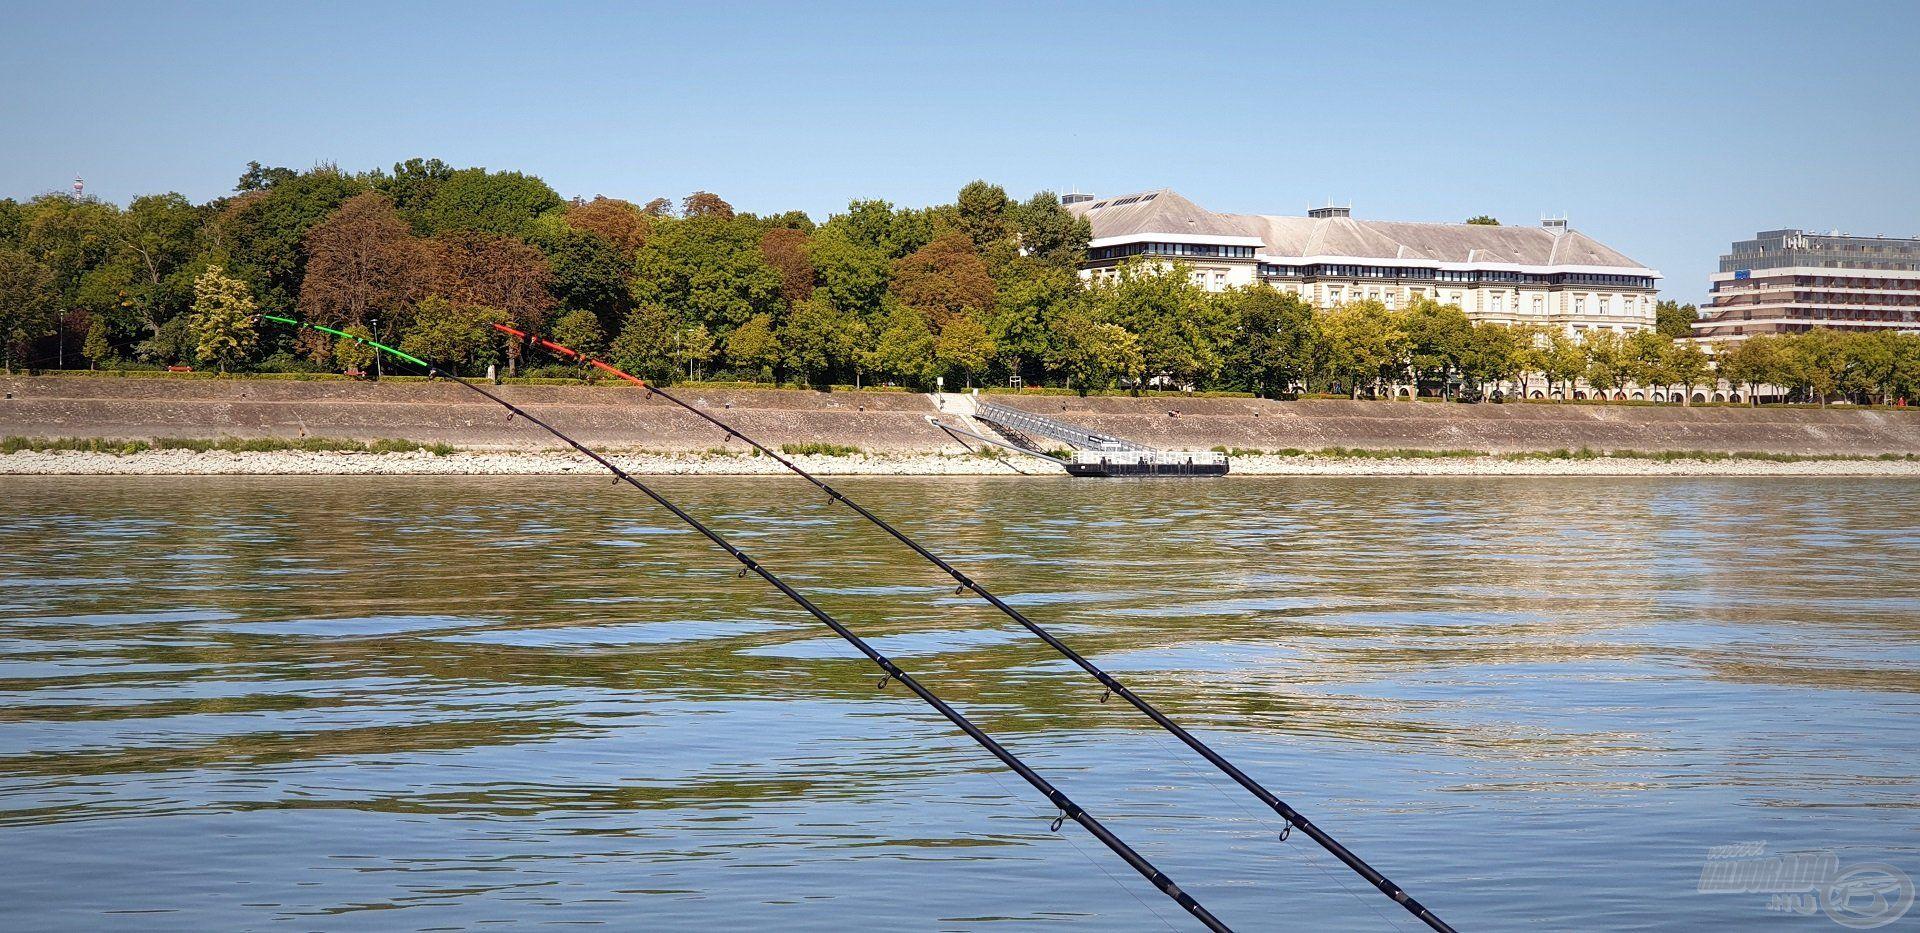 Velem szemben a Margit-sziget, mely szintén egyik kedvelt horgászhelyem volt a 90-es években